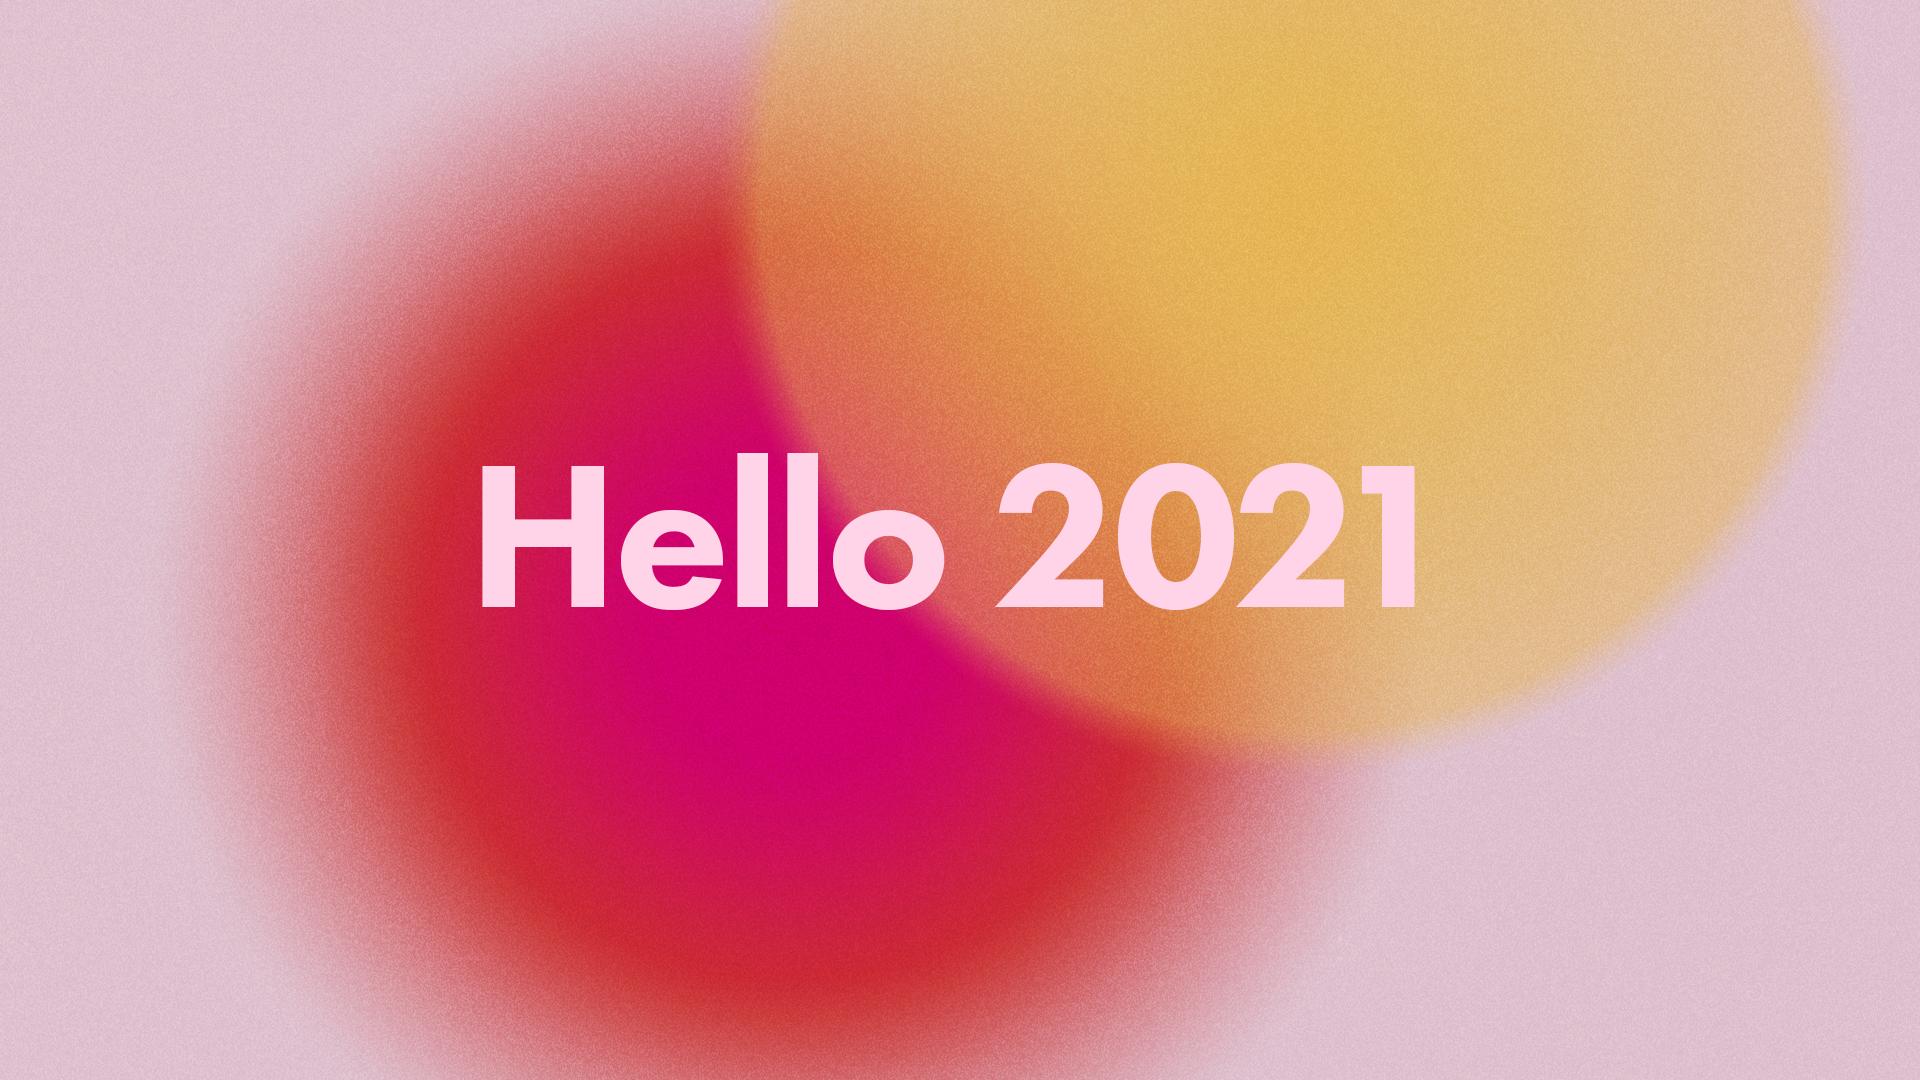 Hello 2021 hero image